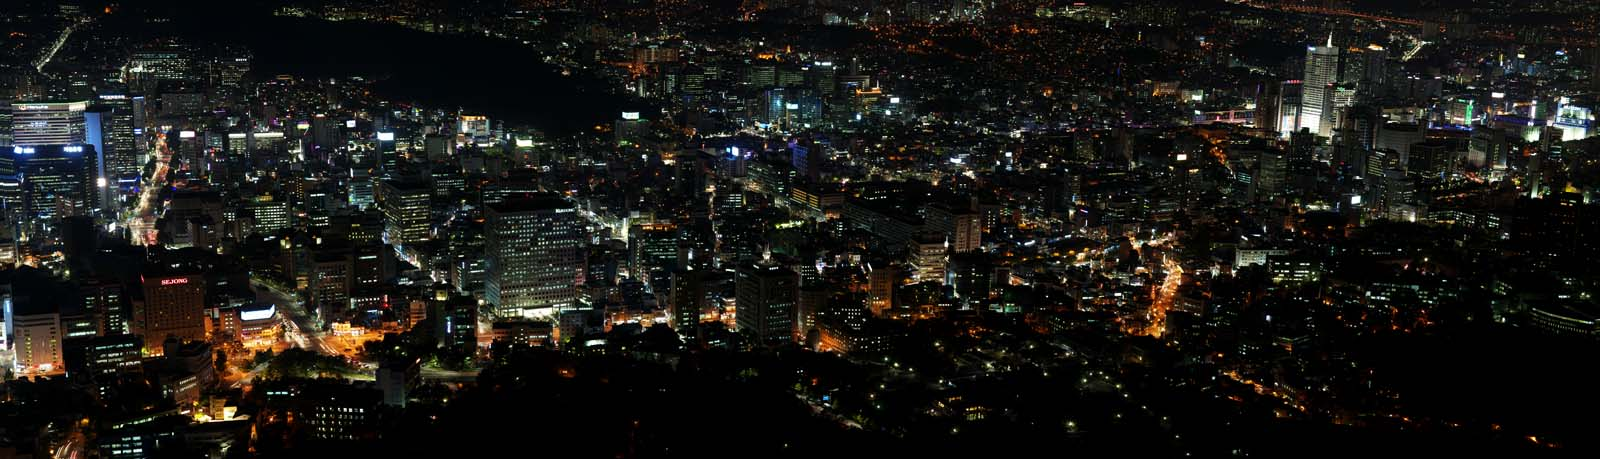 fotografia, material, livra, ajardine, imagine, proveja fotografia,Uma visão noturna de Seul, construindo, Néon, visão noturna, Iluminação